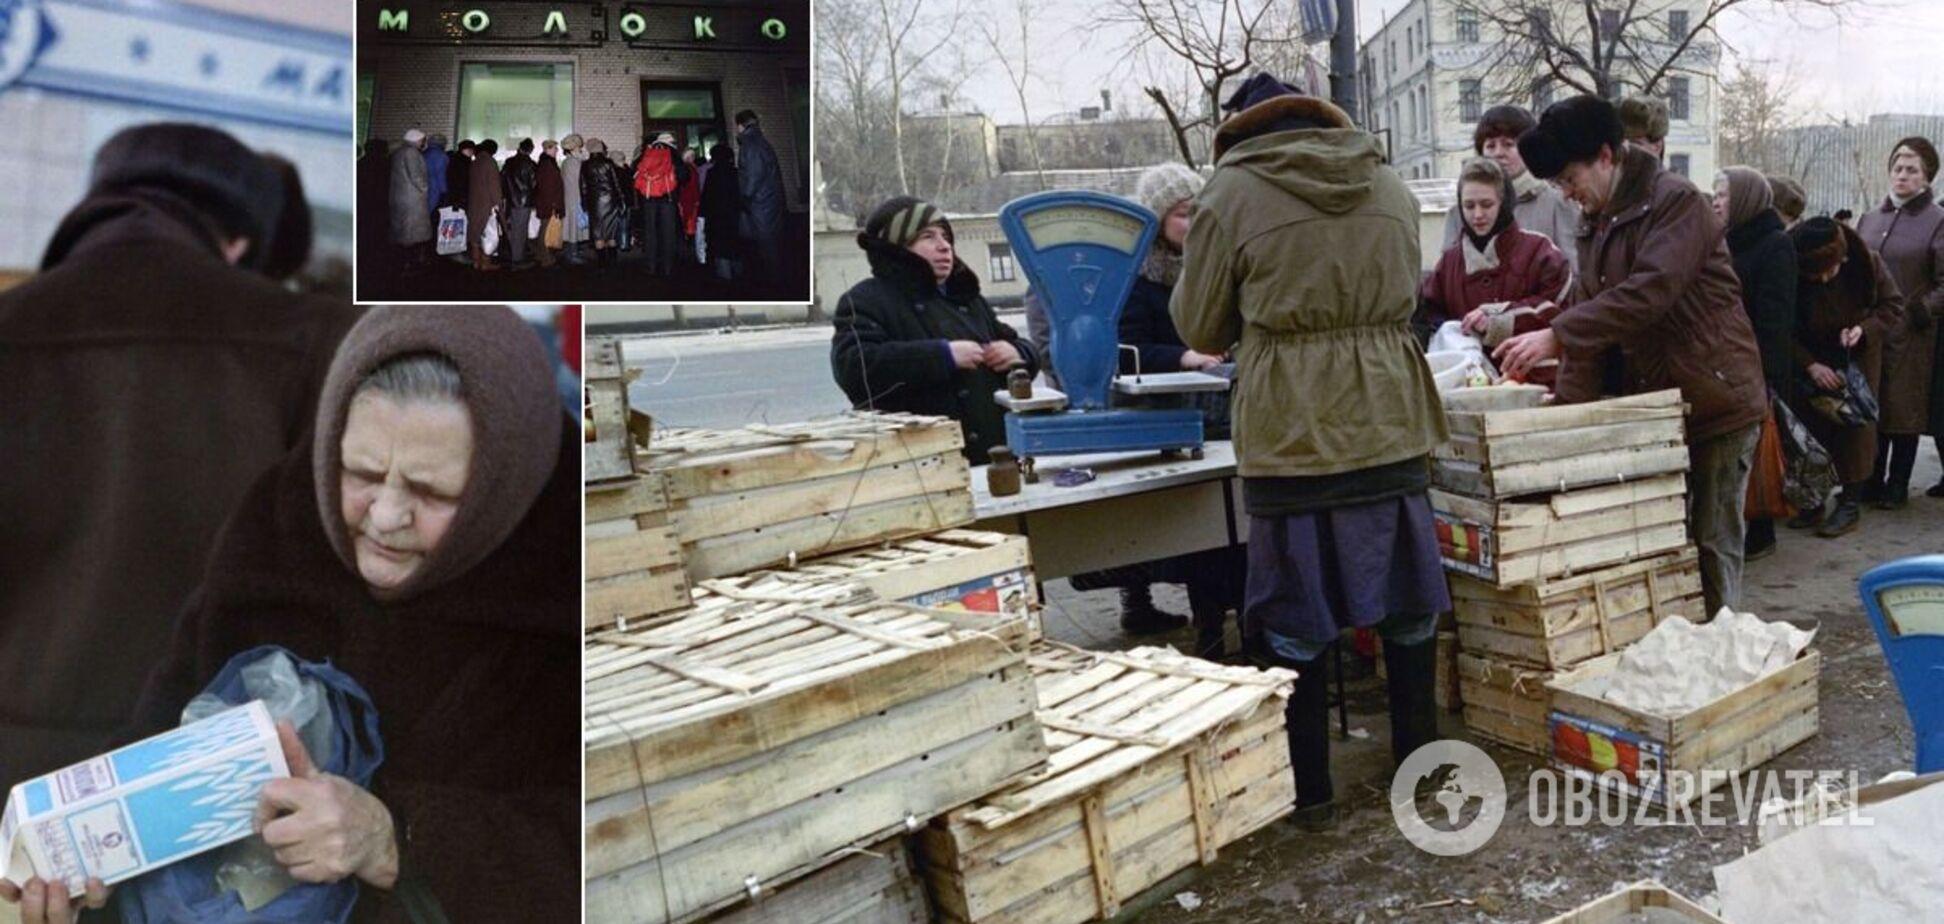 В сети опубликовали фото с последних дней существования СССР